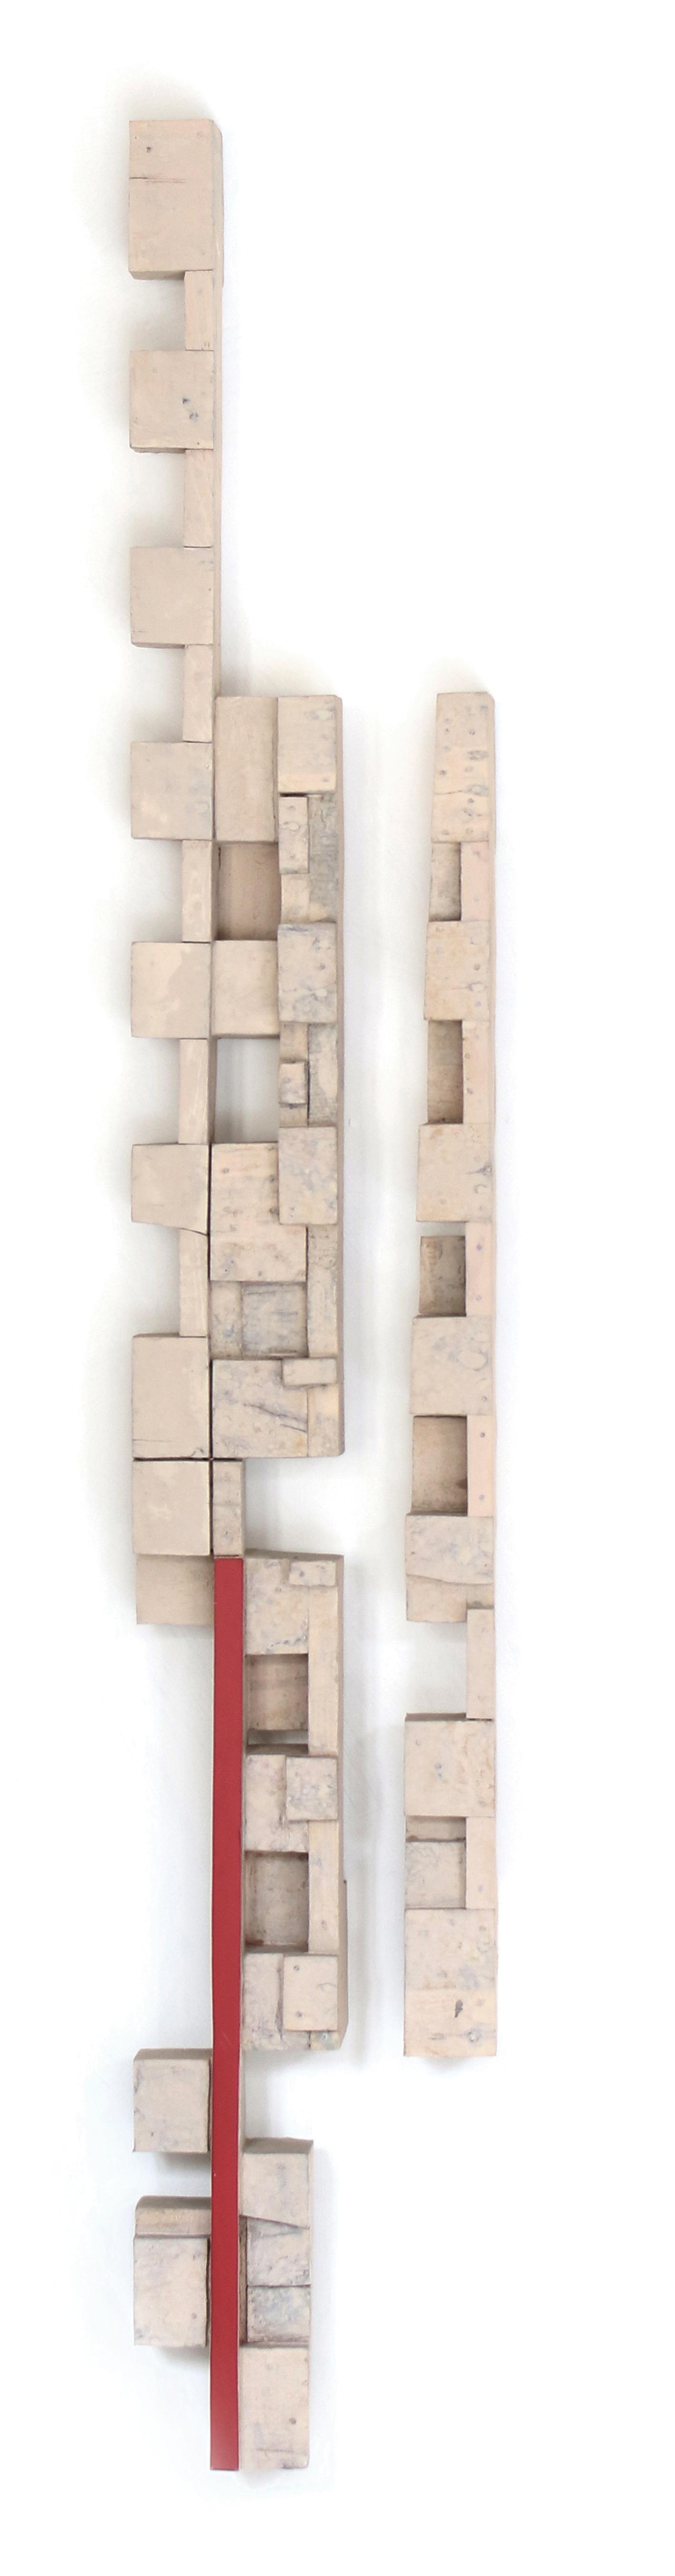 Art Atrium Tony Twigg A half of sticks